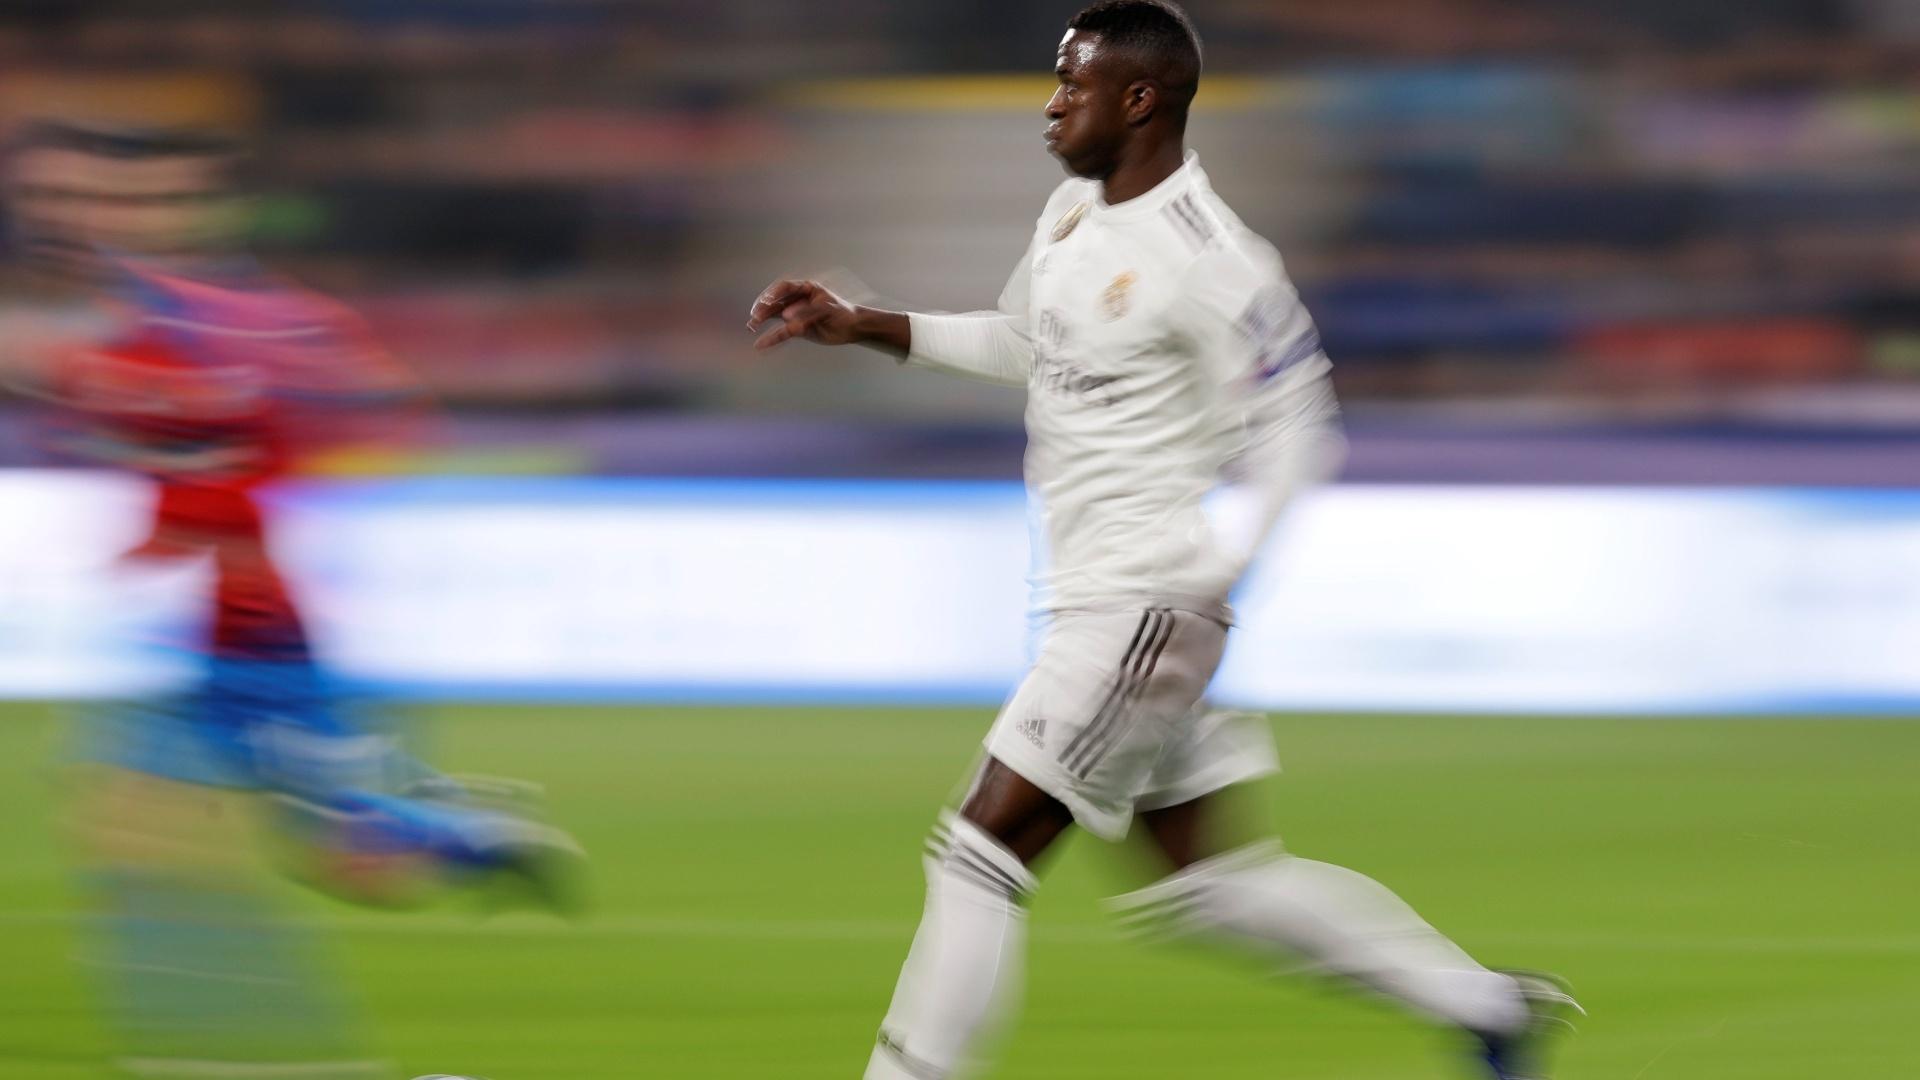 Vinícius Jr. acelera durante partida do Real Madrid na Liga dos Campeões da Europa